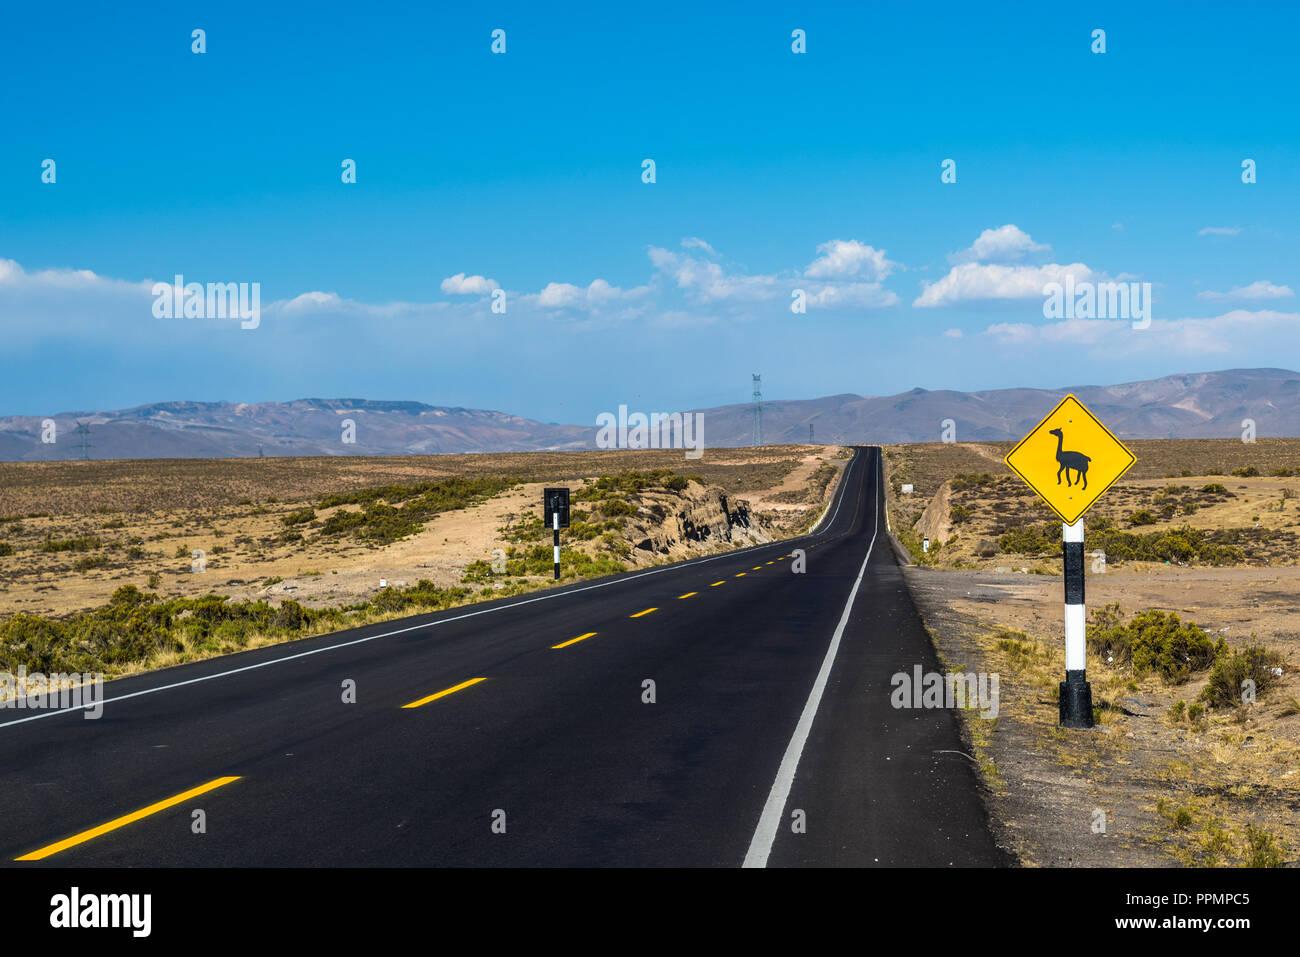 Llama attraversando cartello stradale in Perù, Sud America Immagini Stock